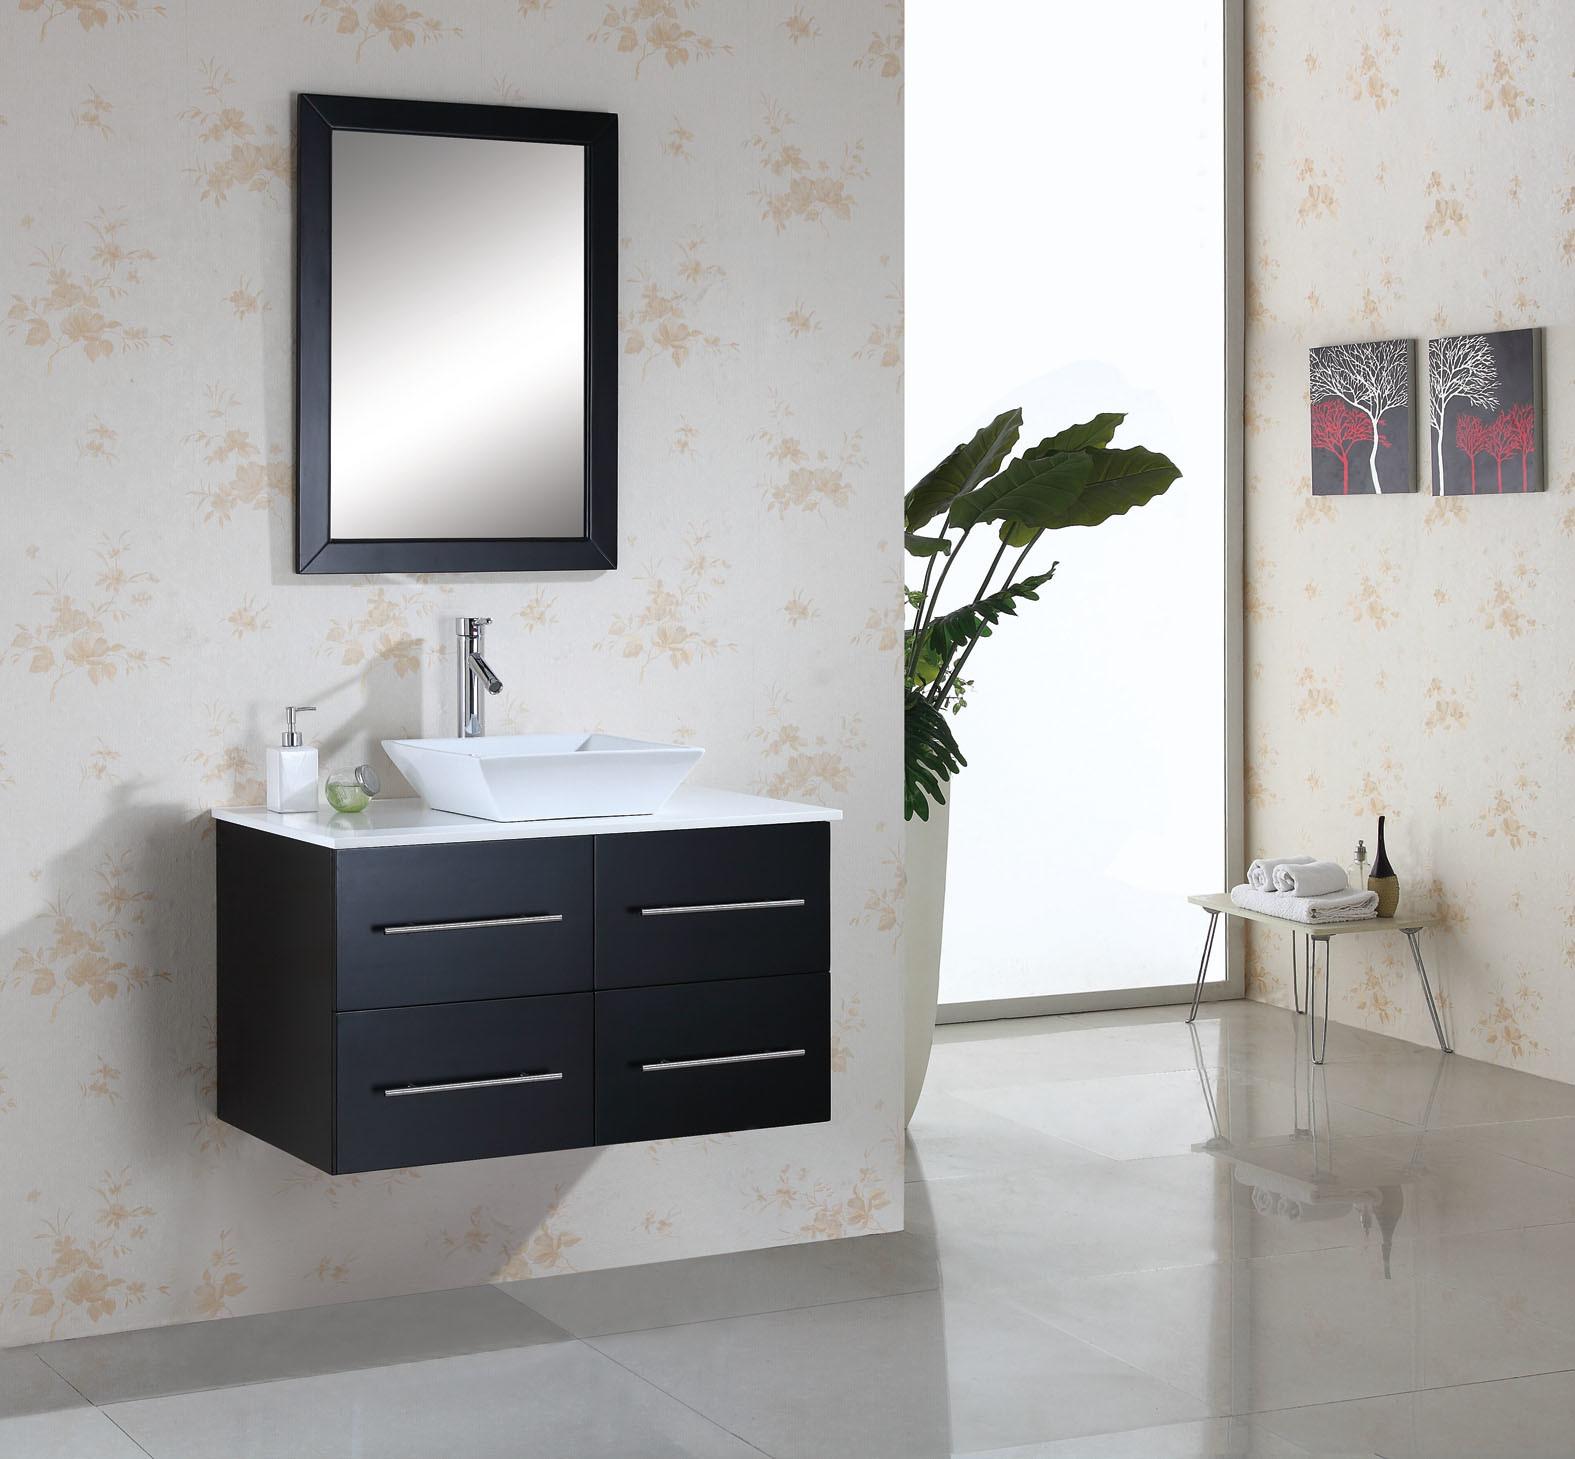 azulejos azulejos bao economicos valencia muebles para baufo similares a baufo moderno